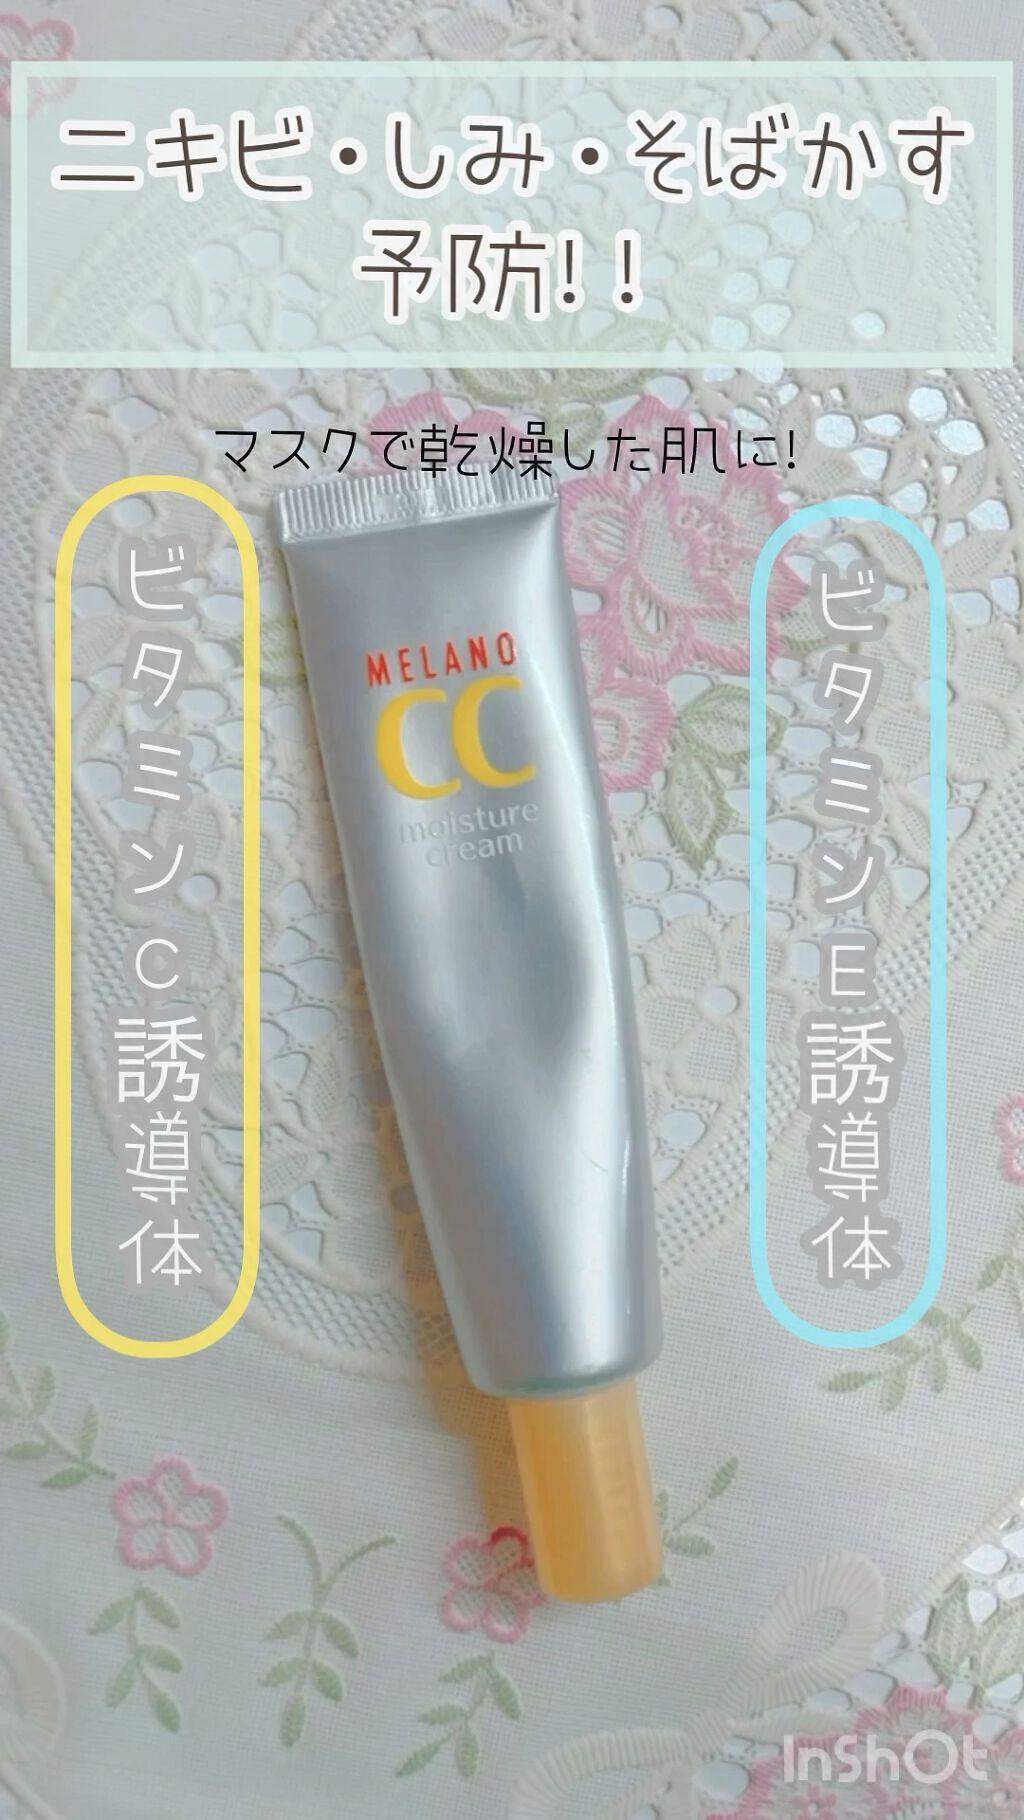 薬用しみ対策 保湿クリーム/メンソレータム メラノCC/フェイスクリームを使ったクチコミ(1枚目)